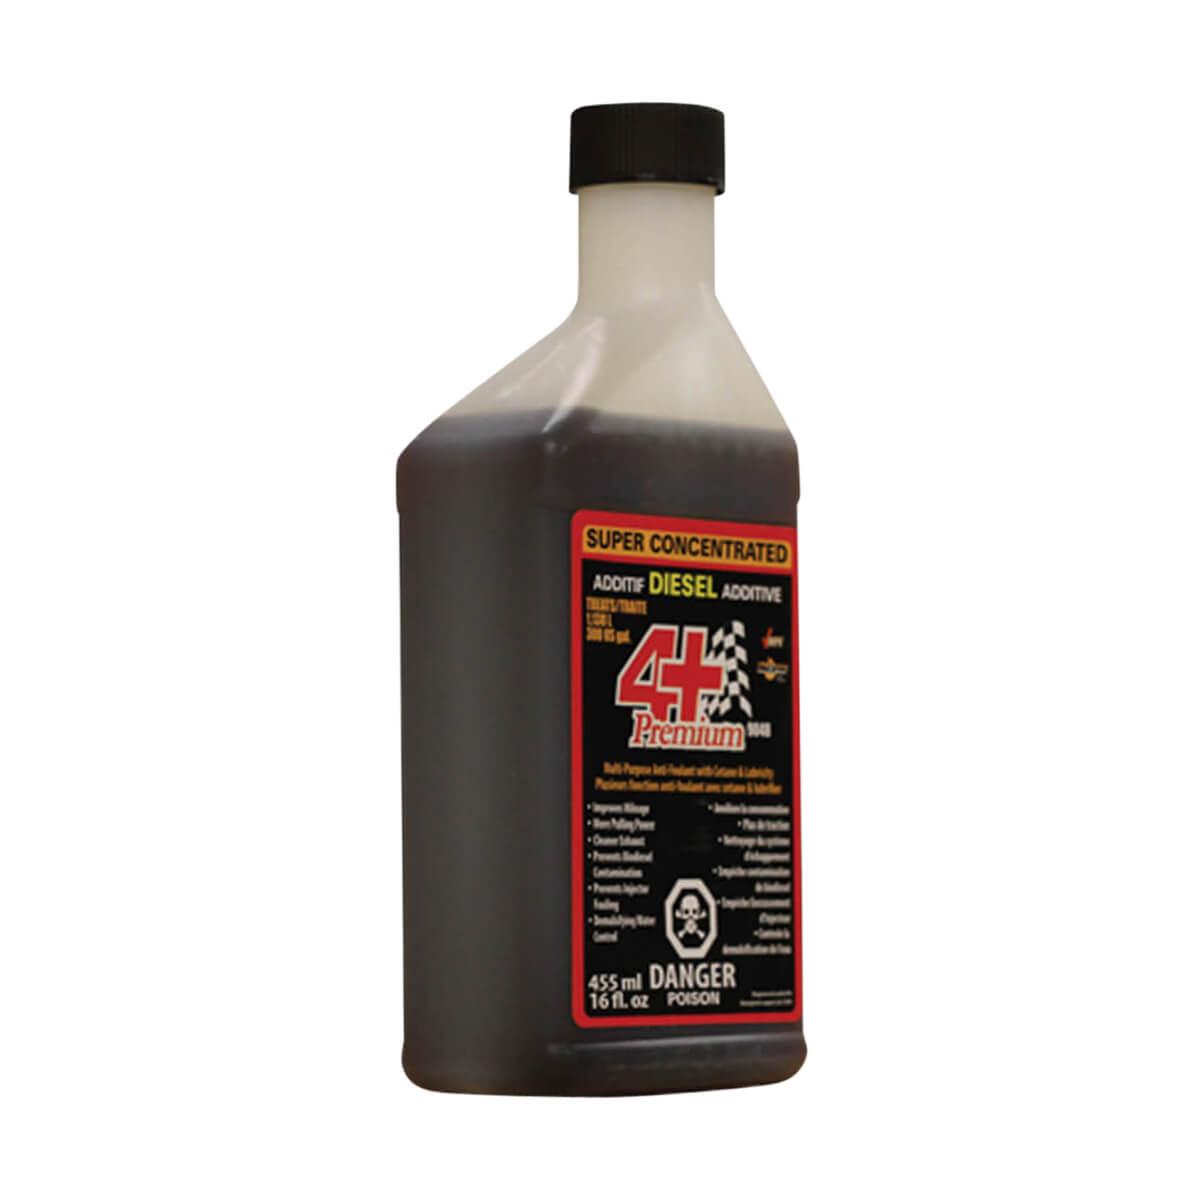 4+ Premium Fuel Additive - 455 mL